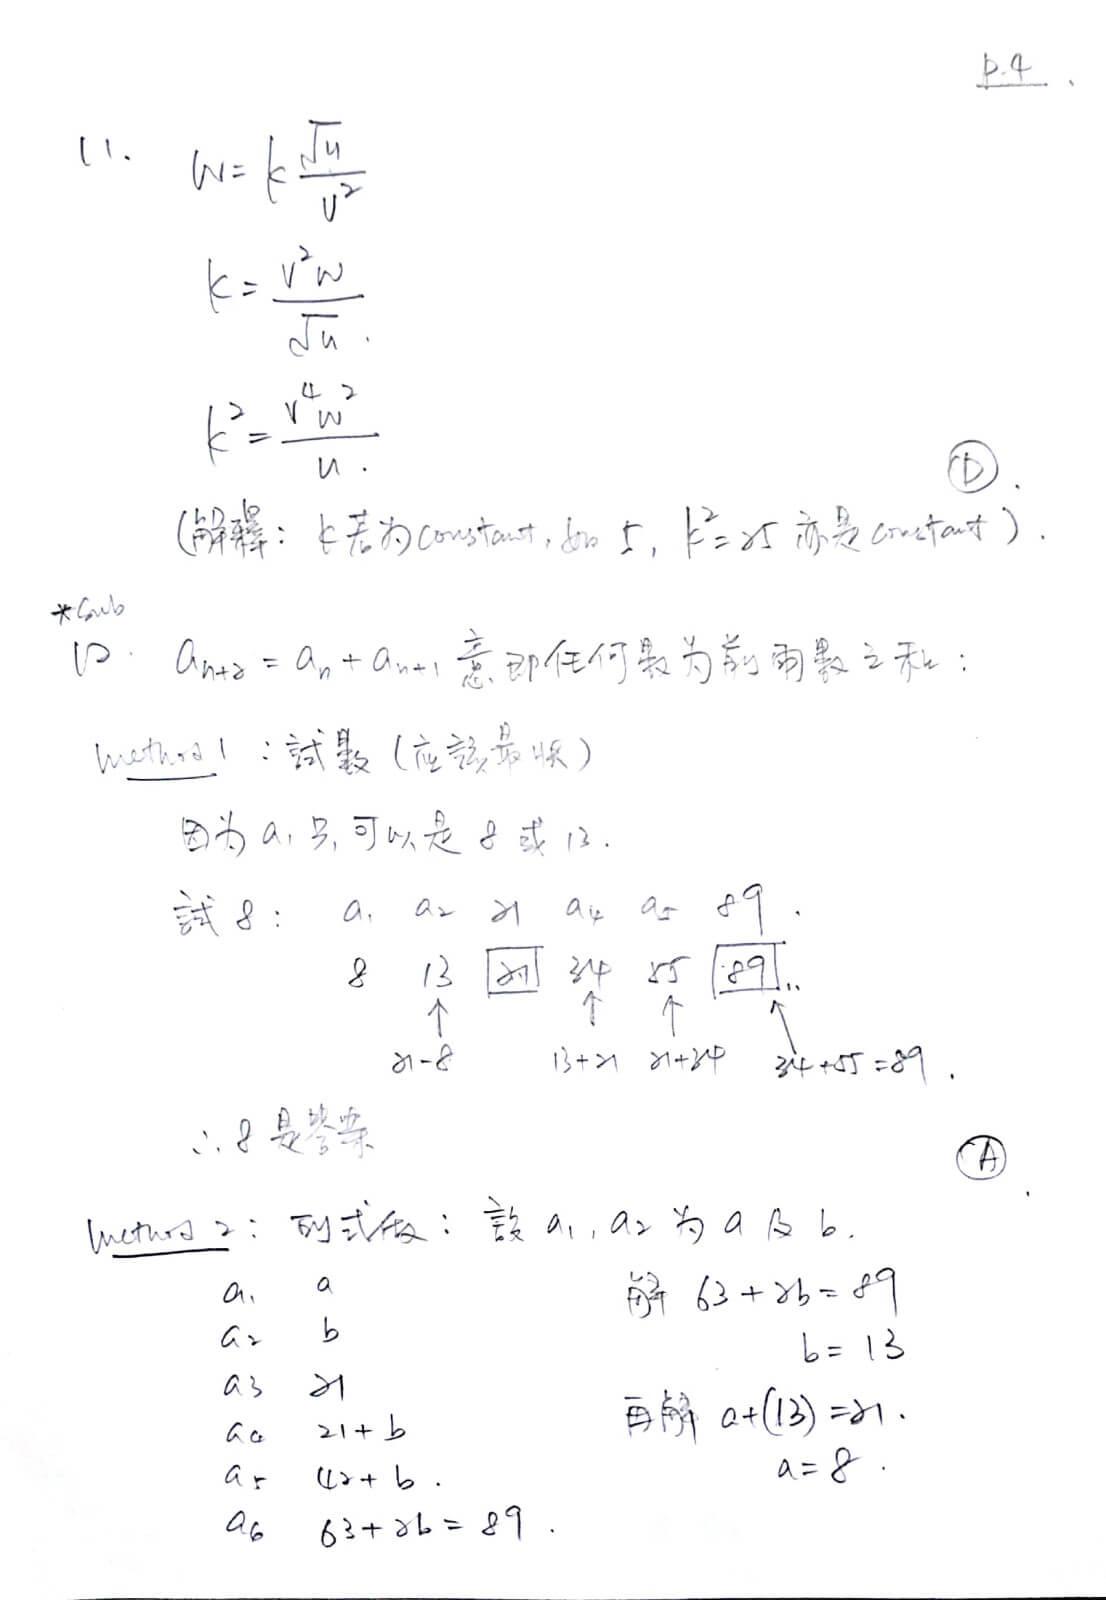 2018 DSE 數學卷二(MC) 詳細答案 Q11,12